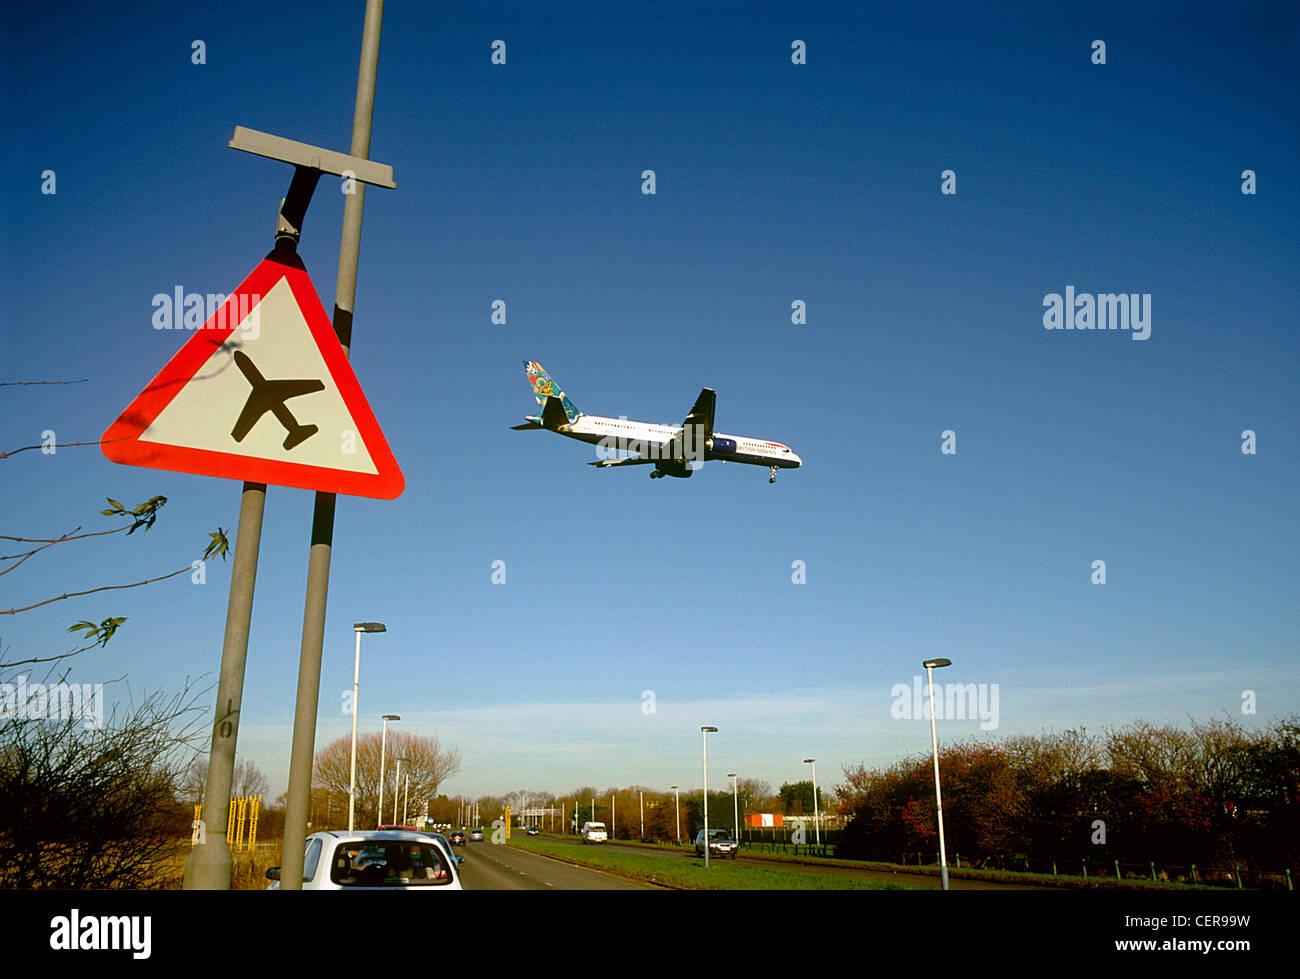 Un aereo per atterrare all'aeroporto di Heathrow che passa al di sopra di un basso piano di volo segno dal ciglio Immagini Stock